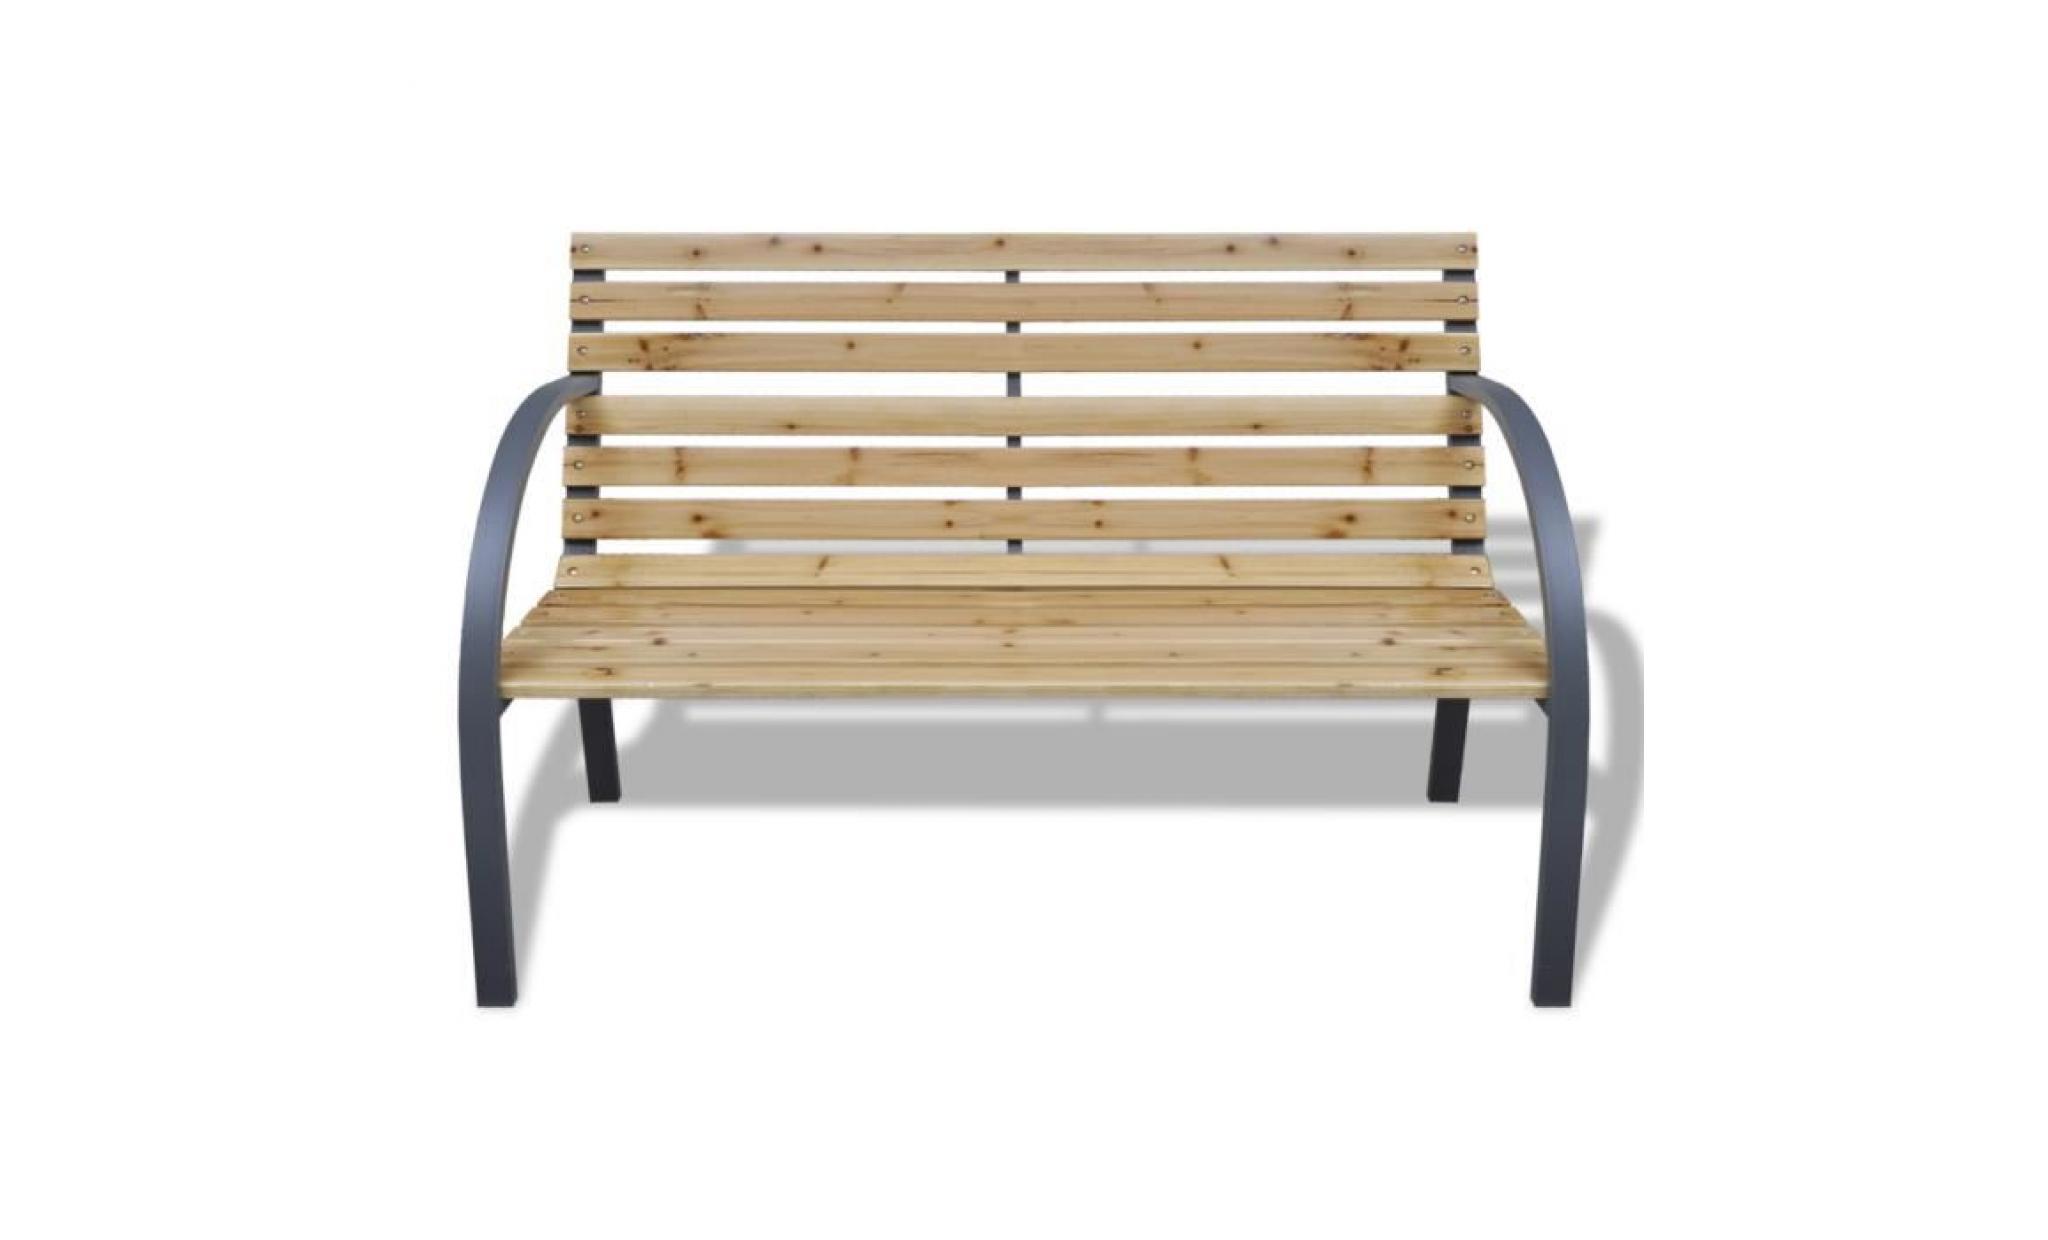 banc de jardin armature en metal et lattes en bois achat vente banc de jardin en bois pas cher coindujardin com